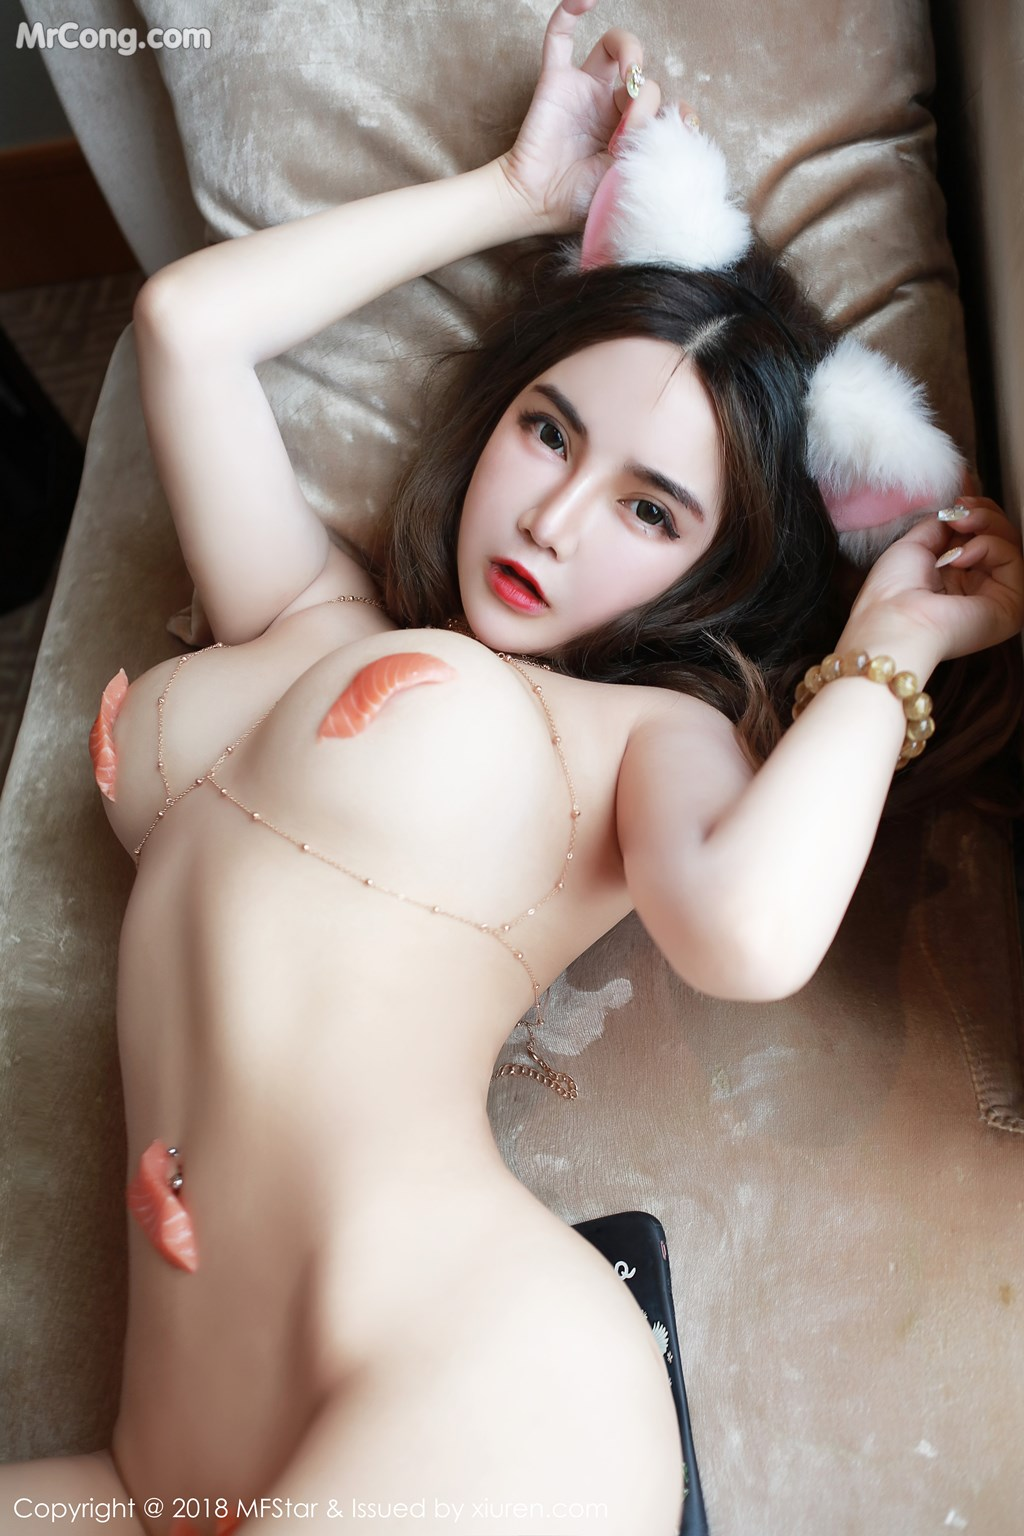 Image MFStar-Vol.157-Wen-Xinyi-MrCong.com-005 in post MFStar Vol.157: Người mẫu Wen Xinyi (温心怡) (32 ảnh)